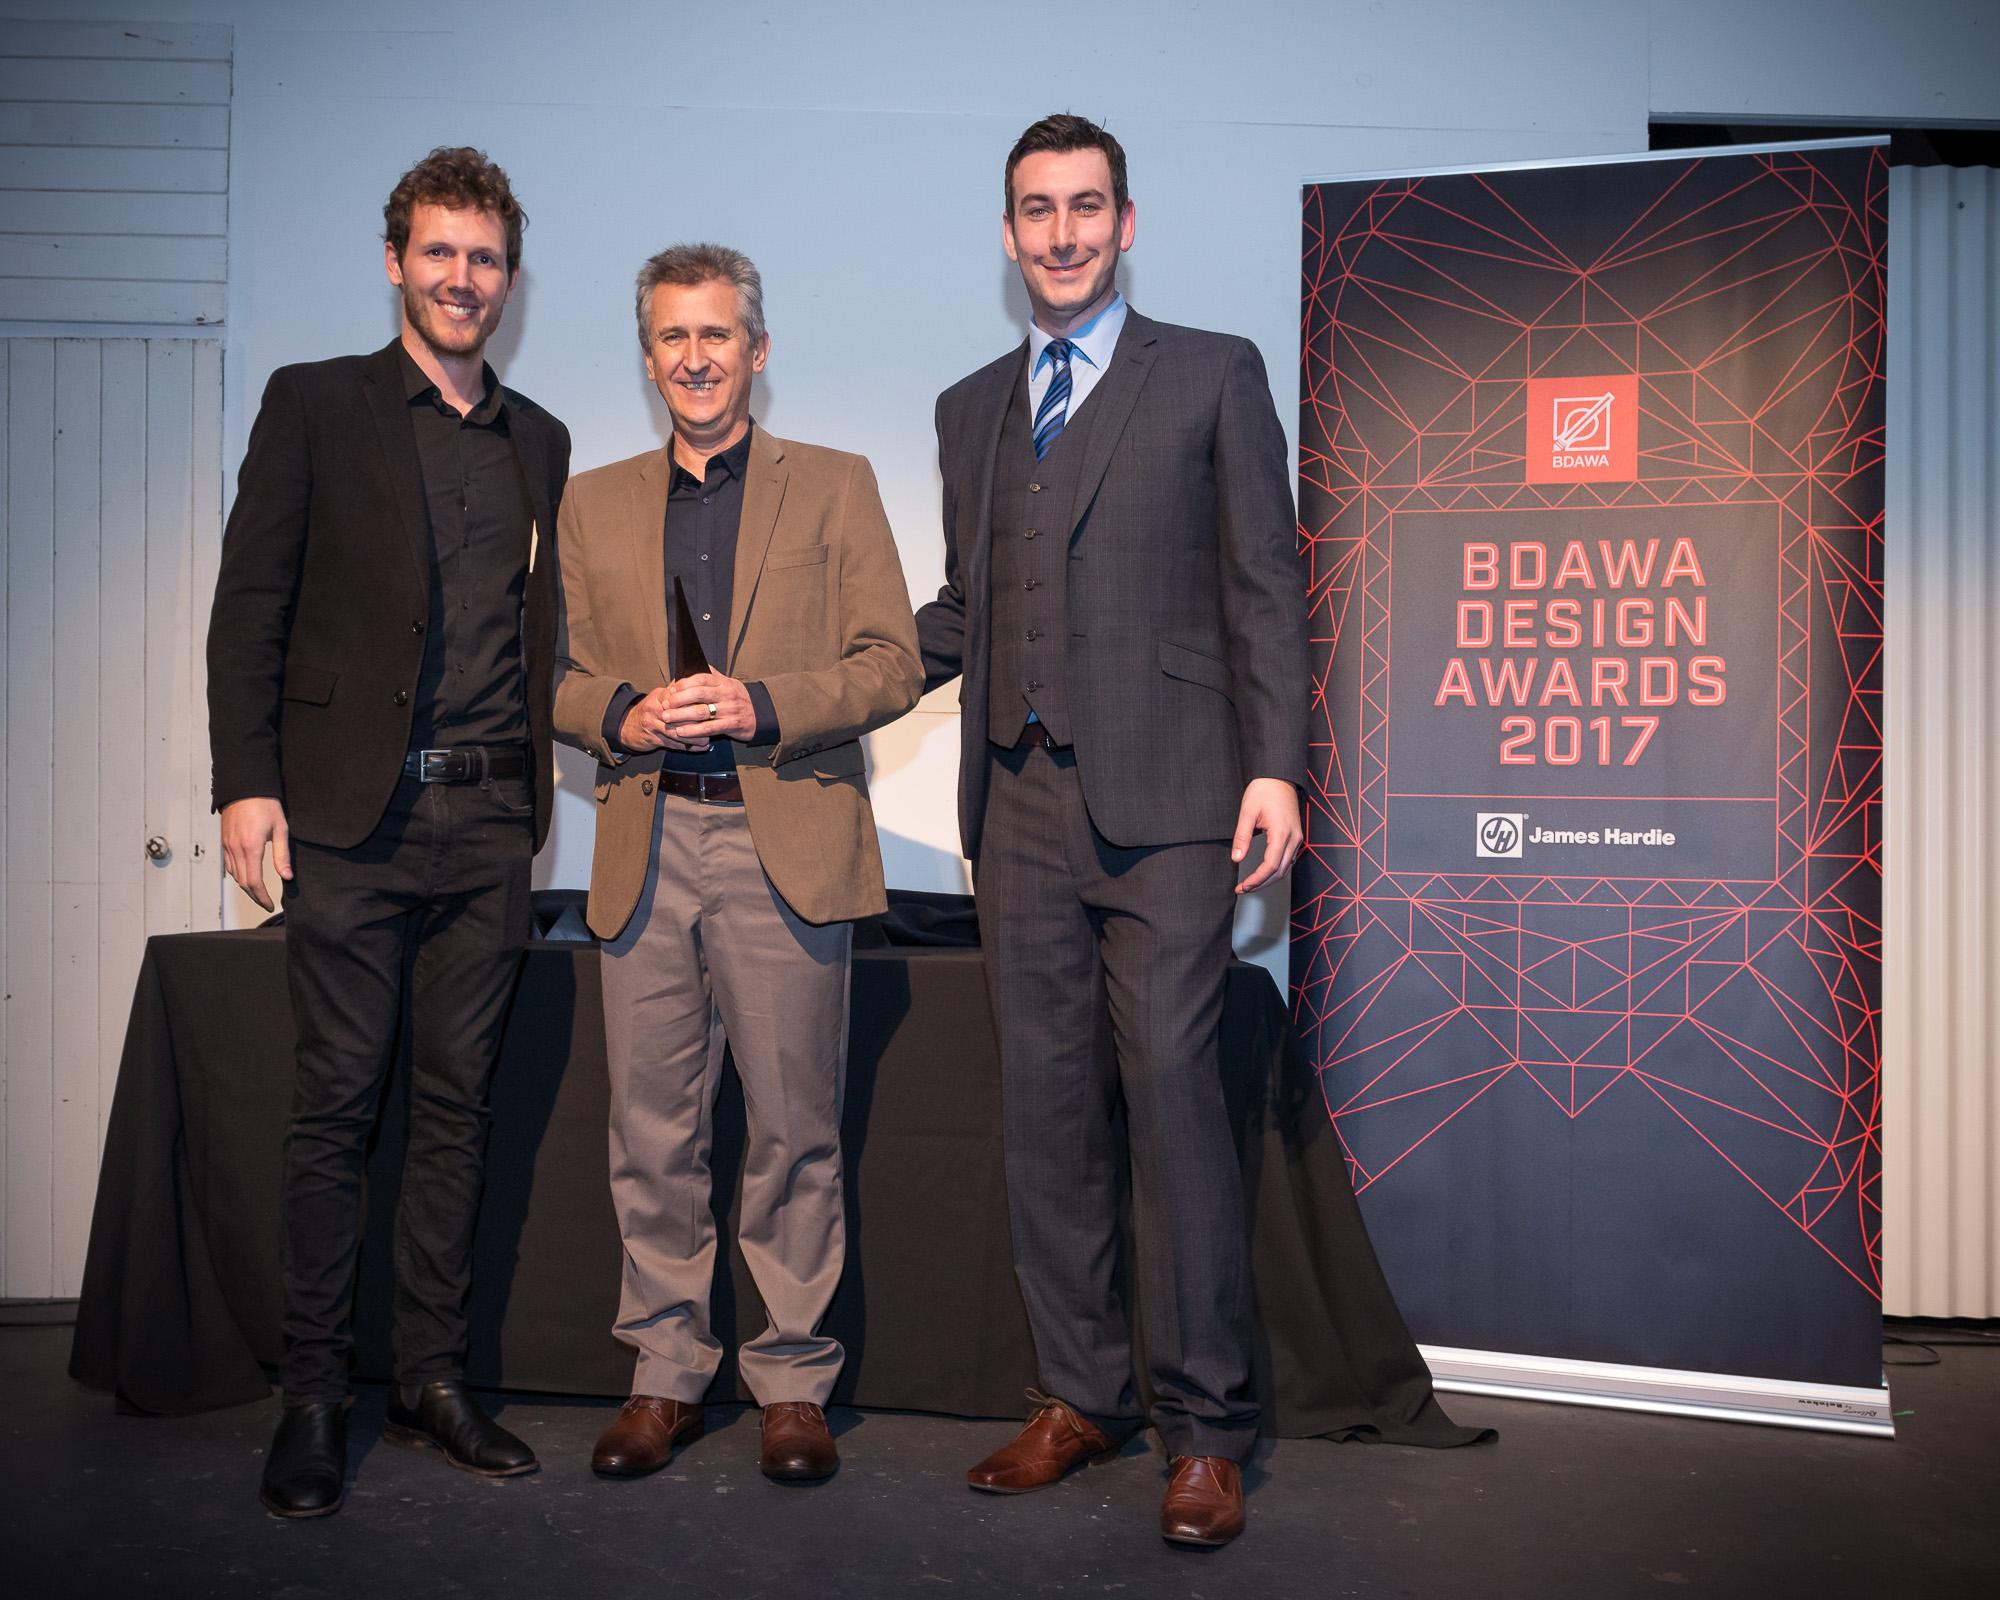 0183 BDA WA Awards 2017 _JHG7475.jpg